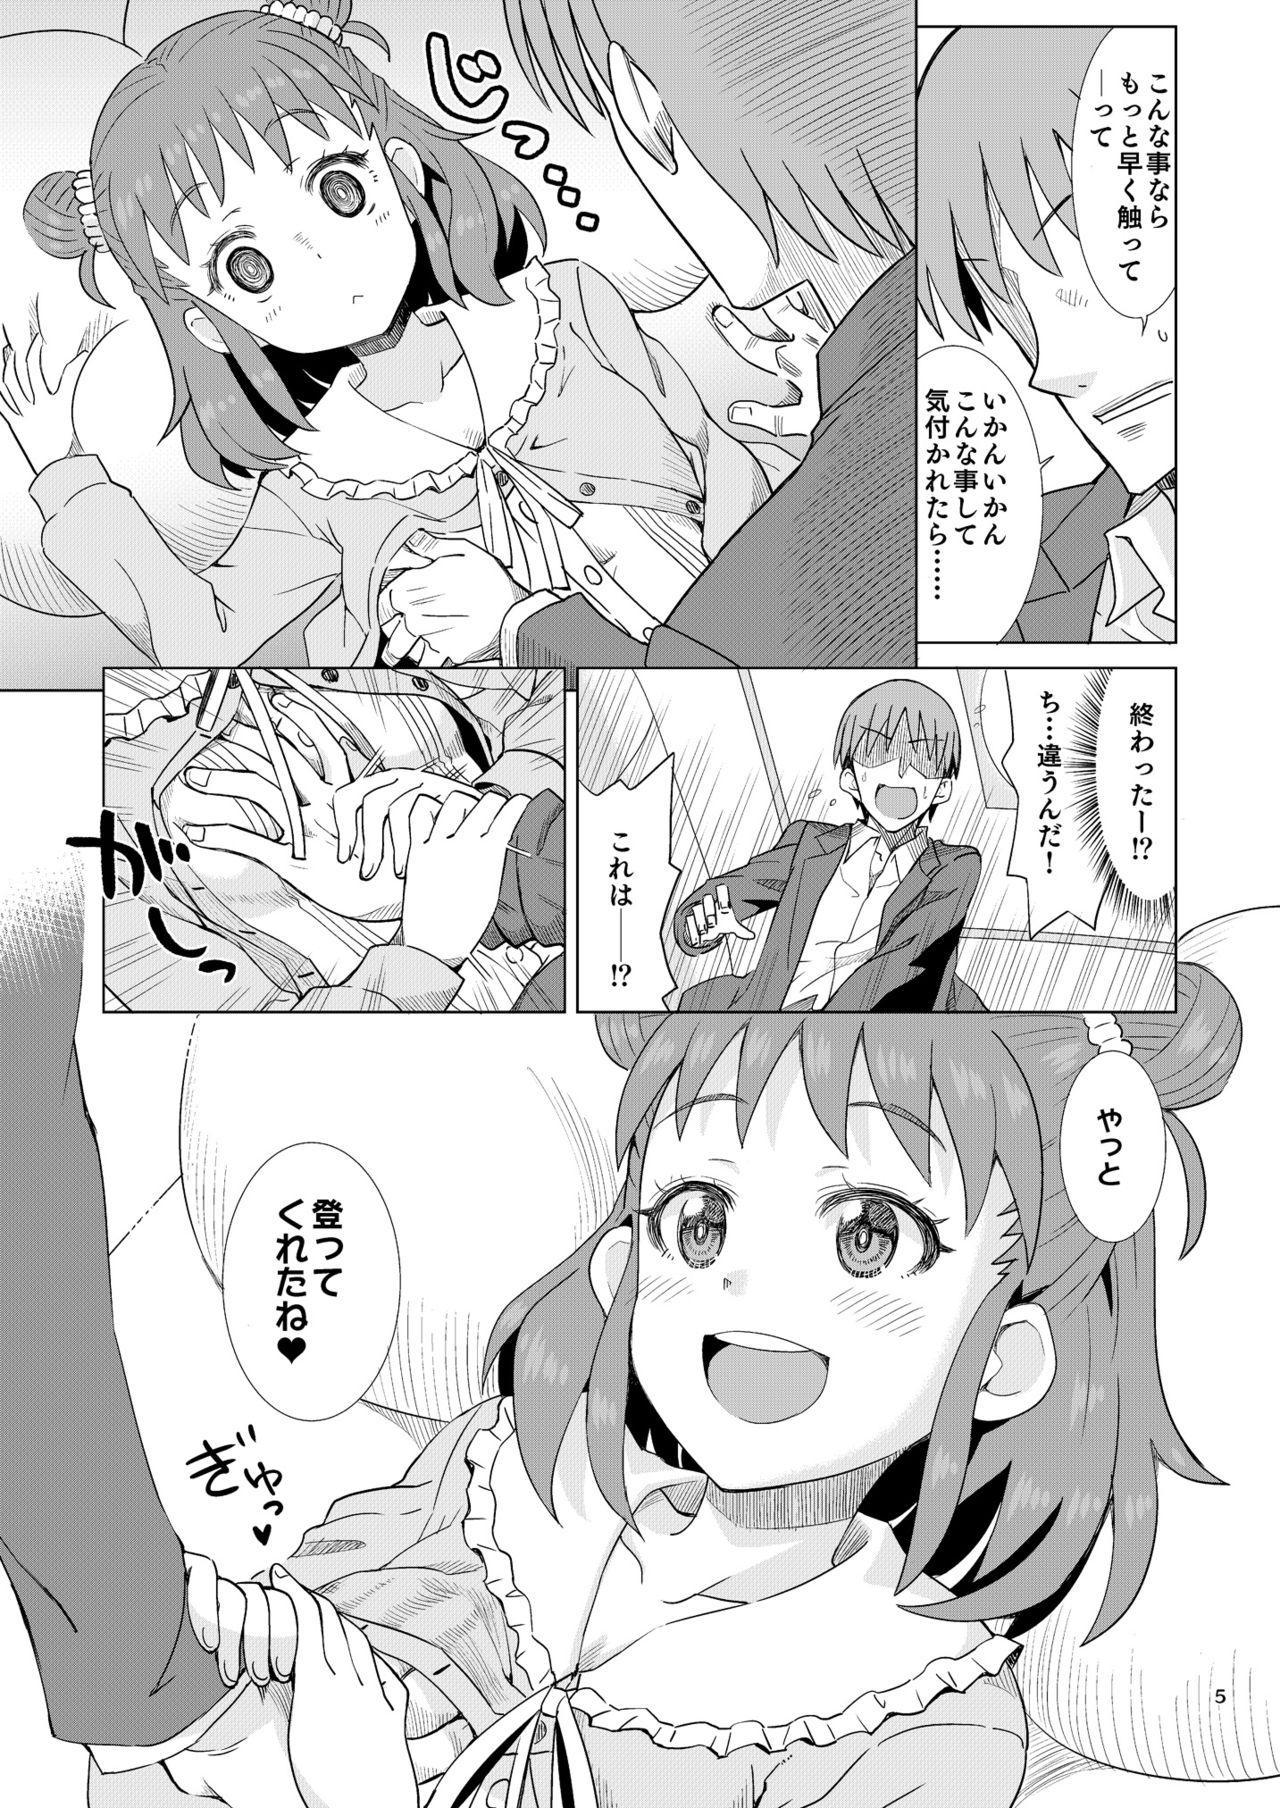 Munakata-san wa Ai saretai. 4